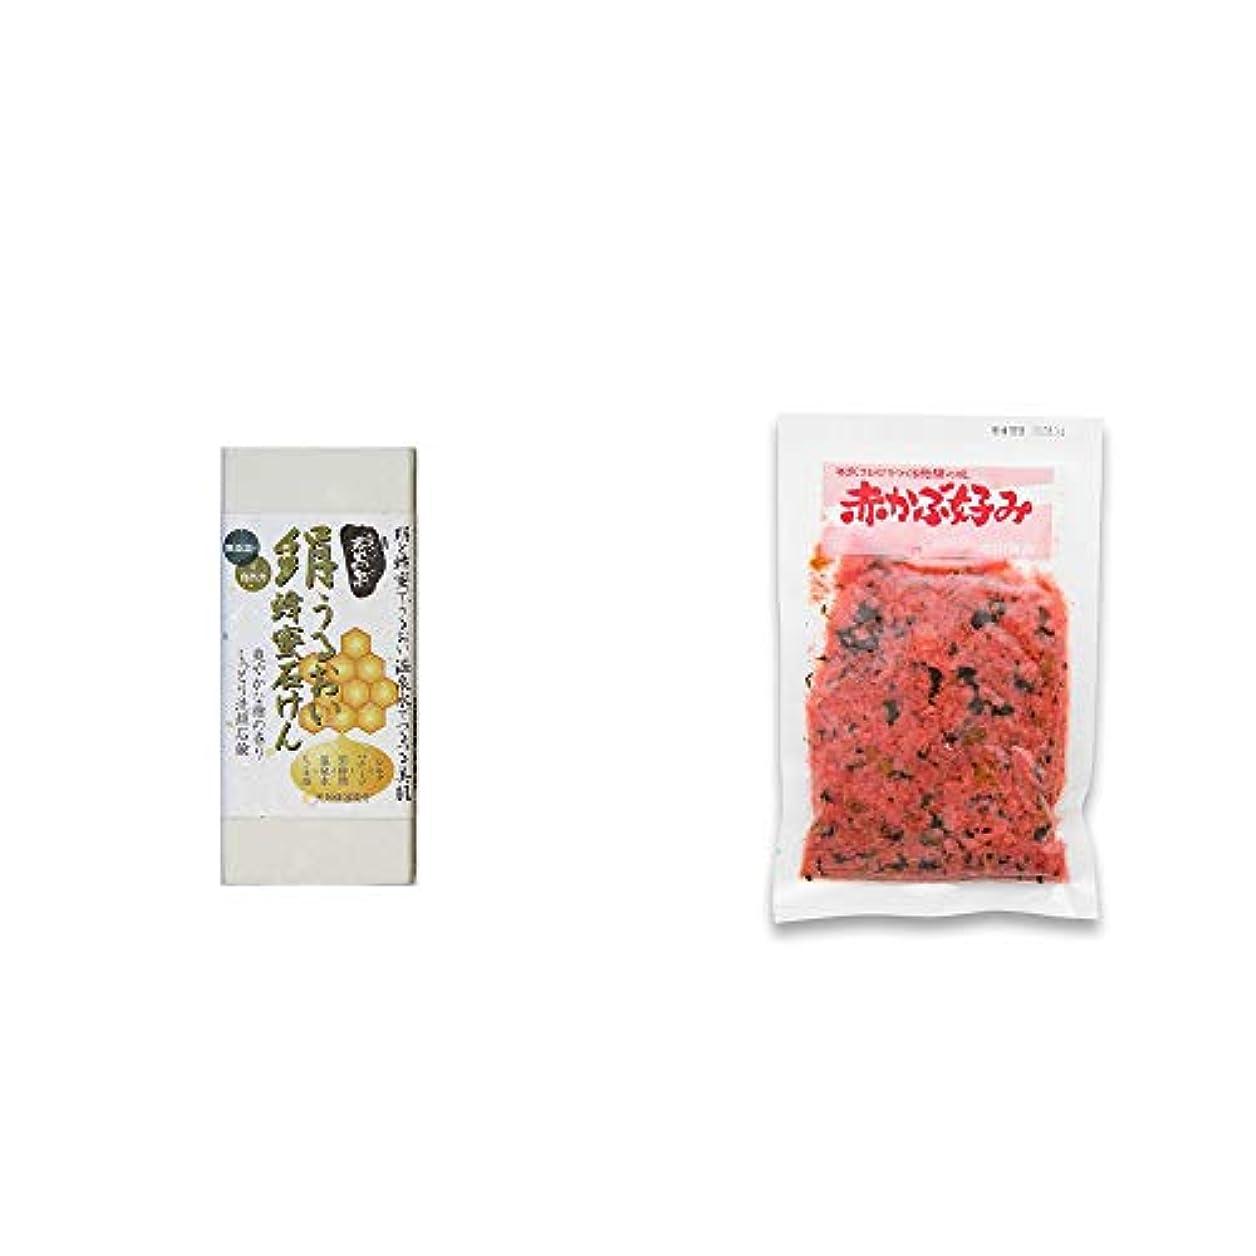 損傷スロープストレッチ[2点セット] ひのき炭黒泉 絹うるおい蜂蜜石けん(75g×2)?赤かぶ好み(150g)